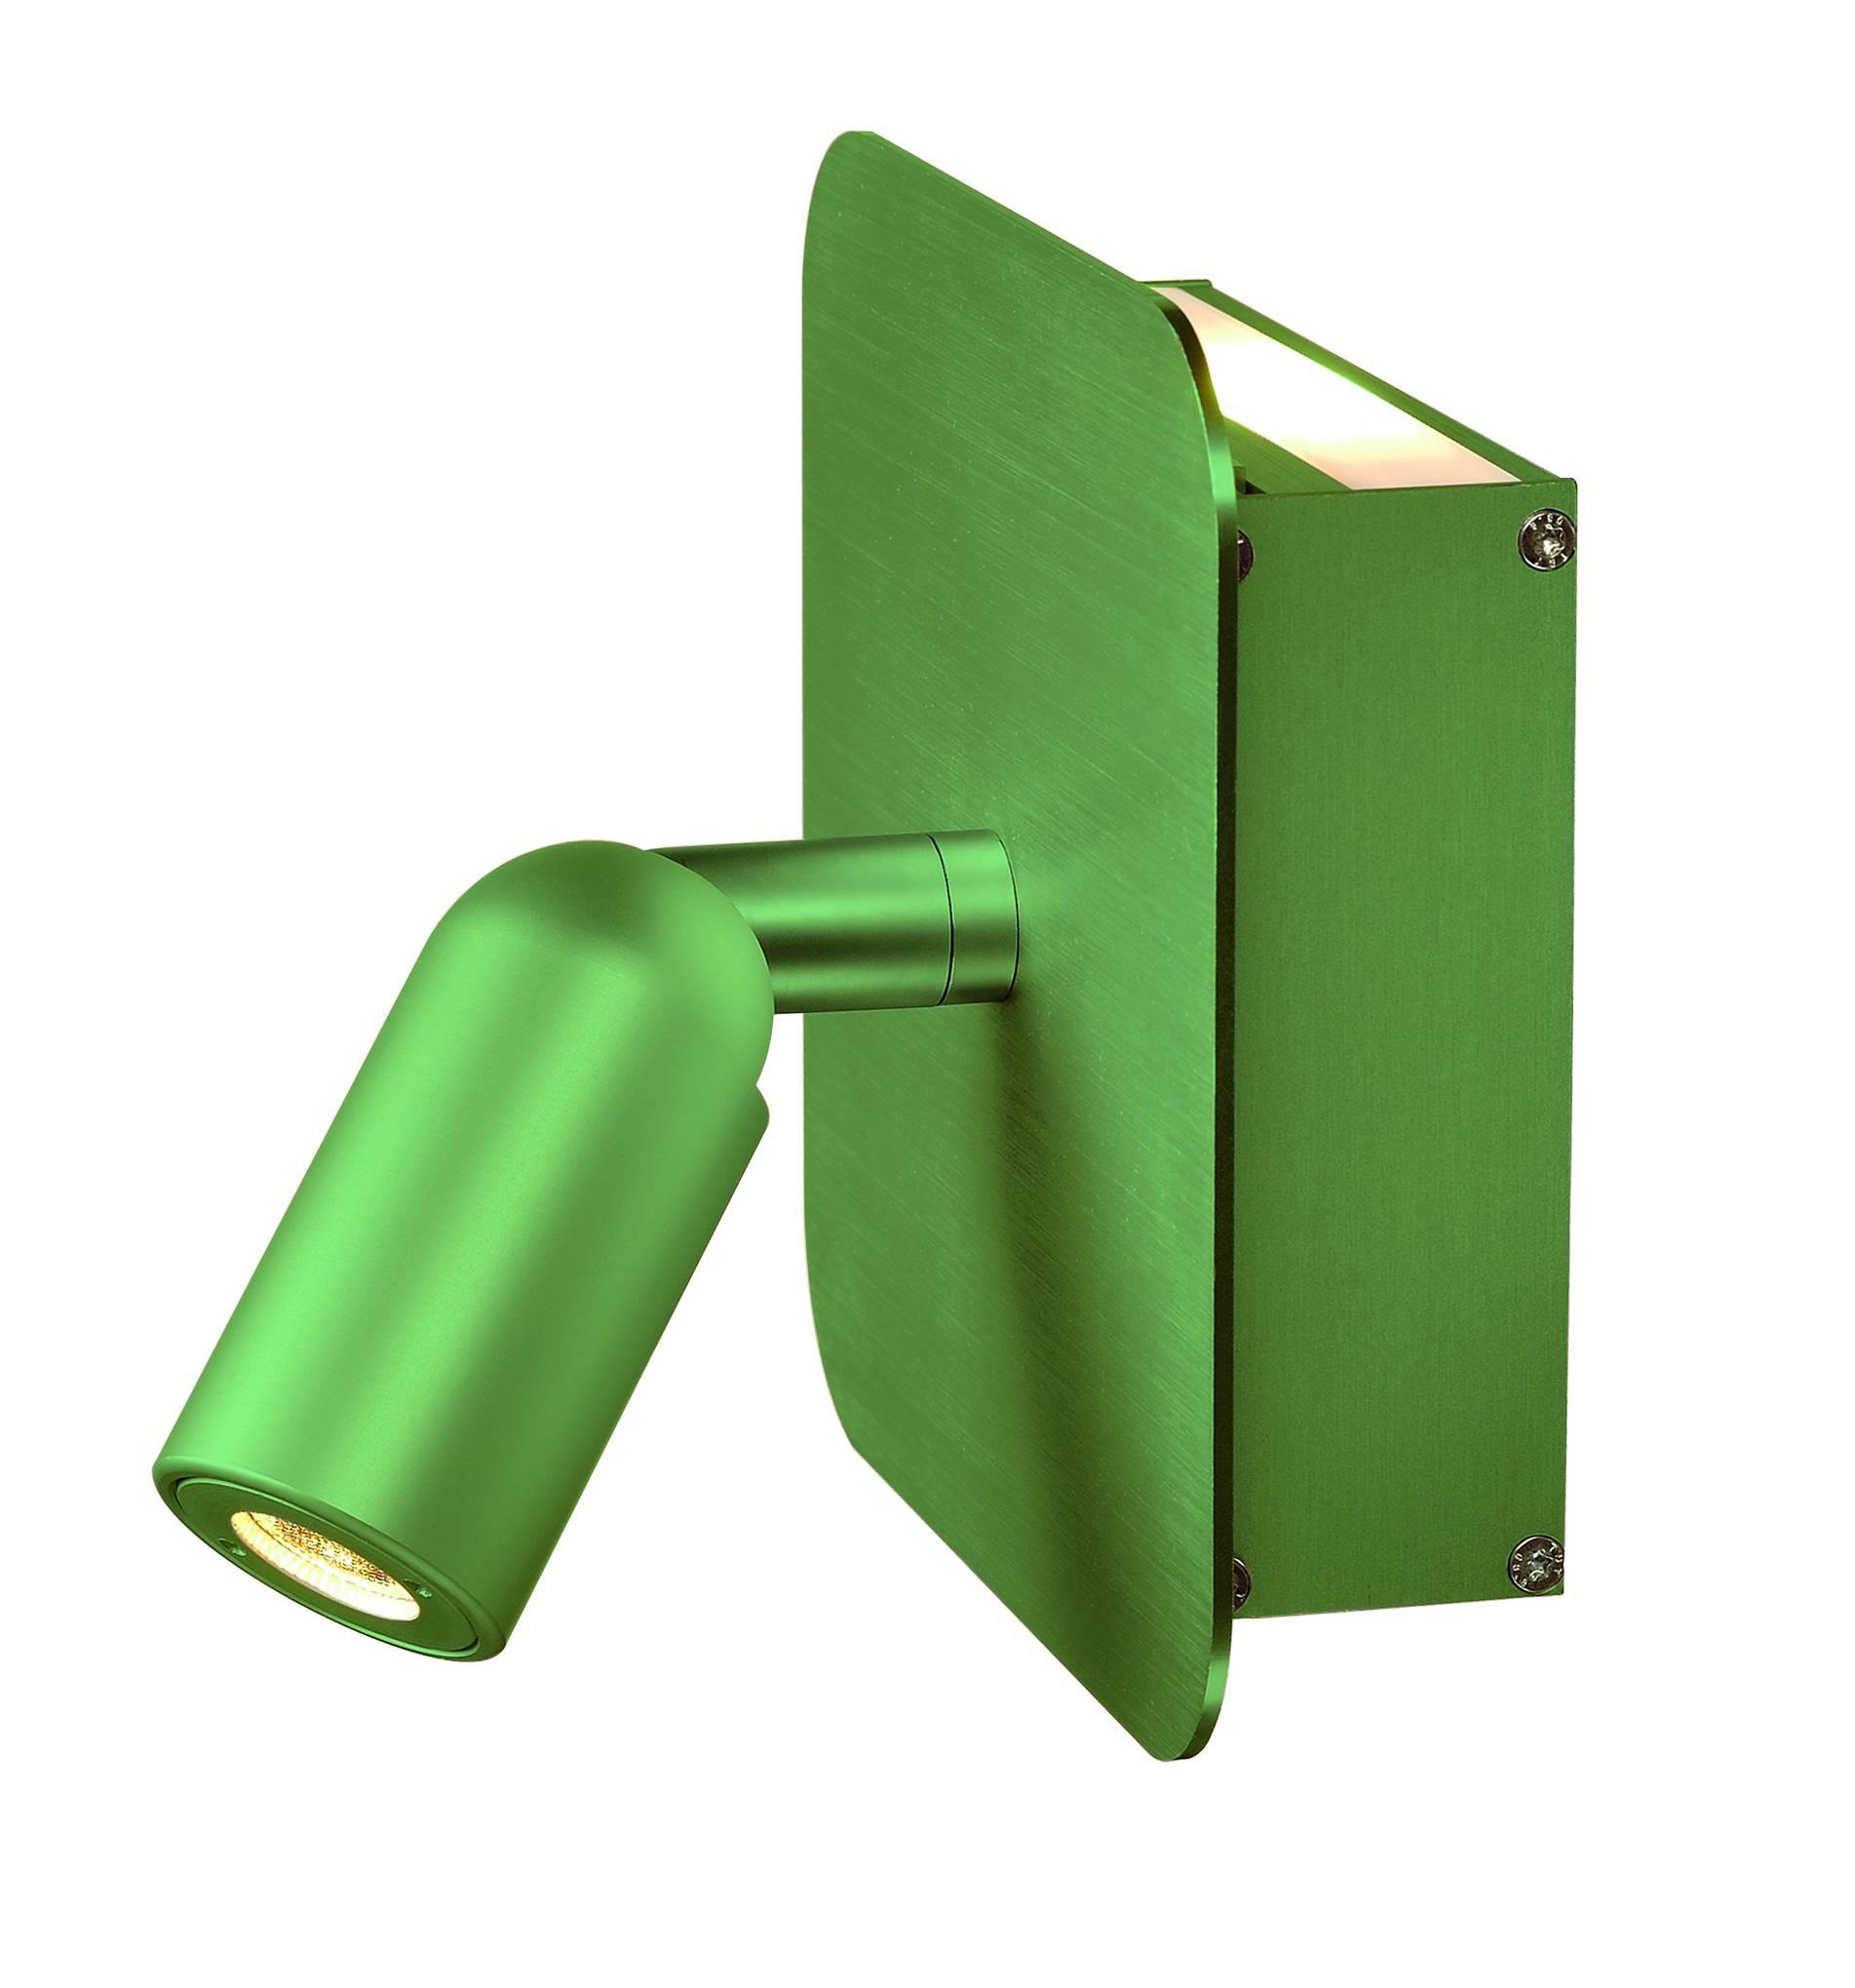 1 Stk NAPIA Wandleuchte, grün LI155105--